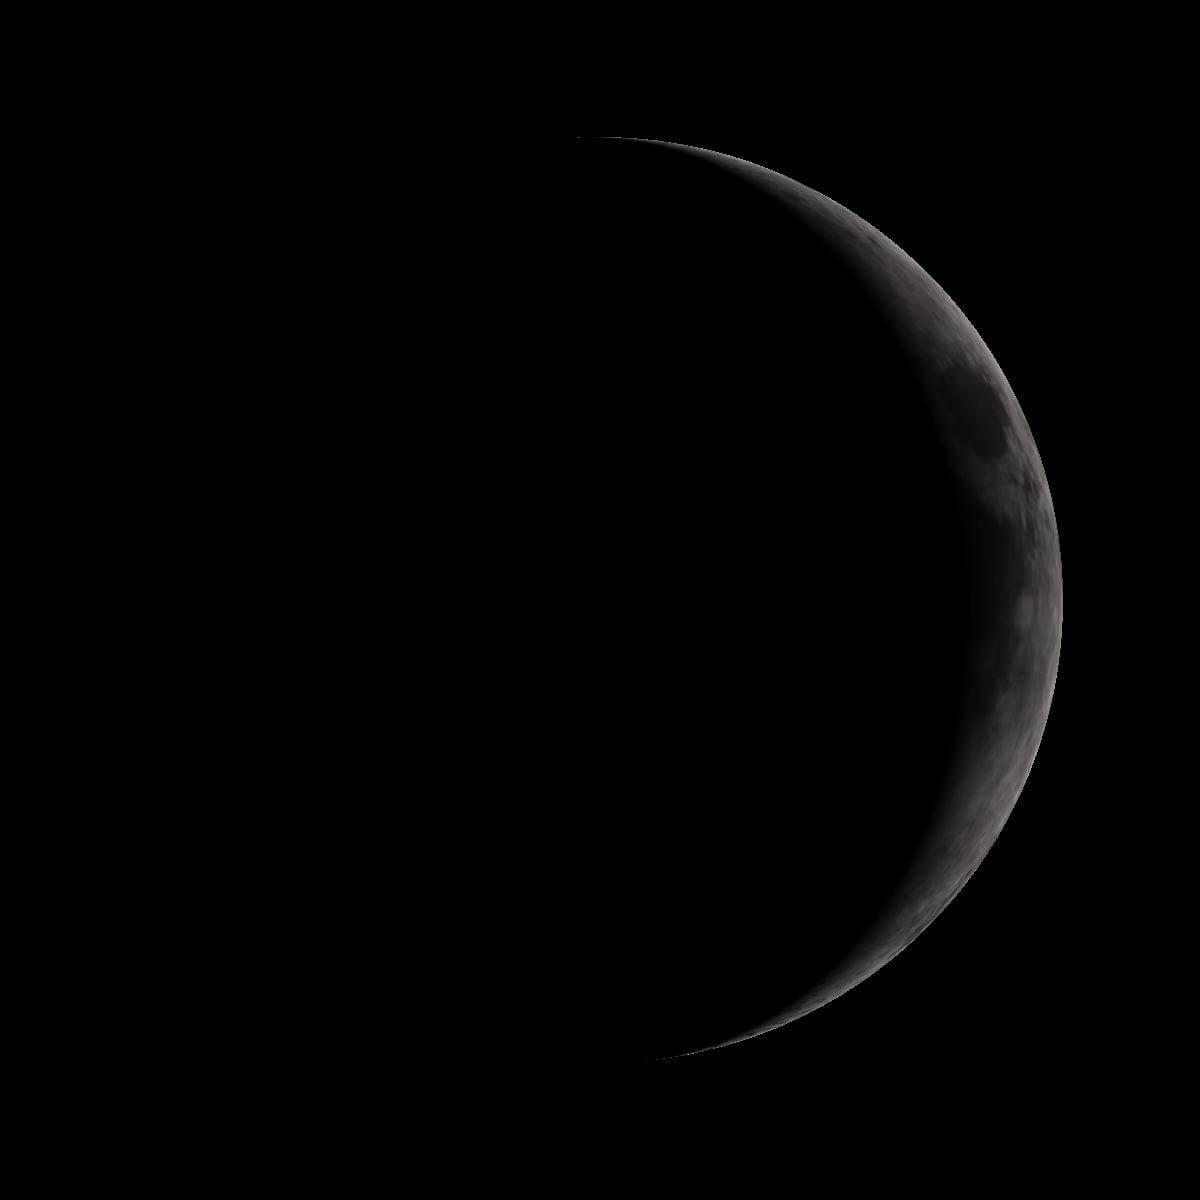 Lune du 26 mai 2020